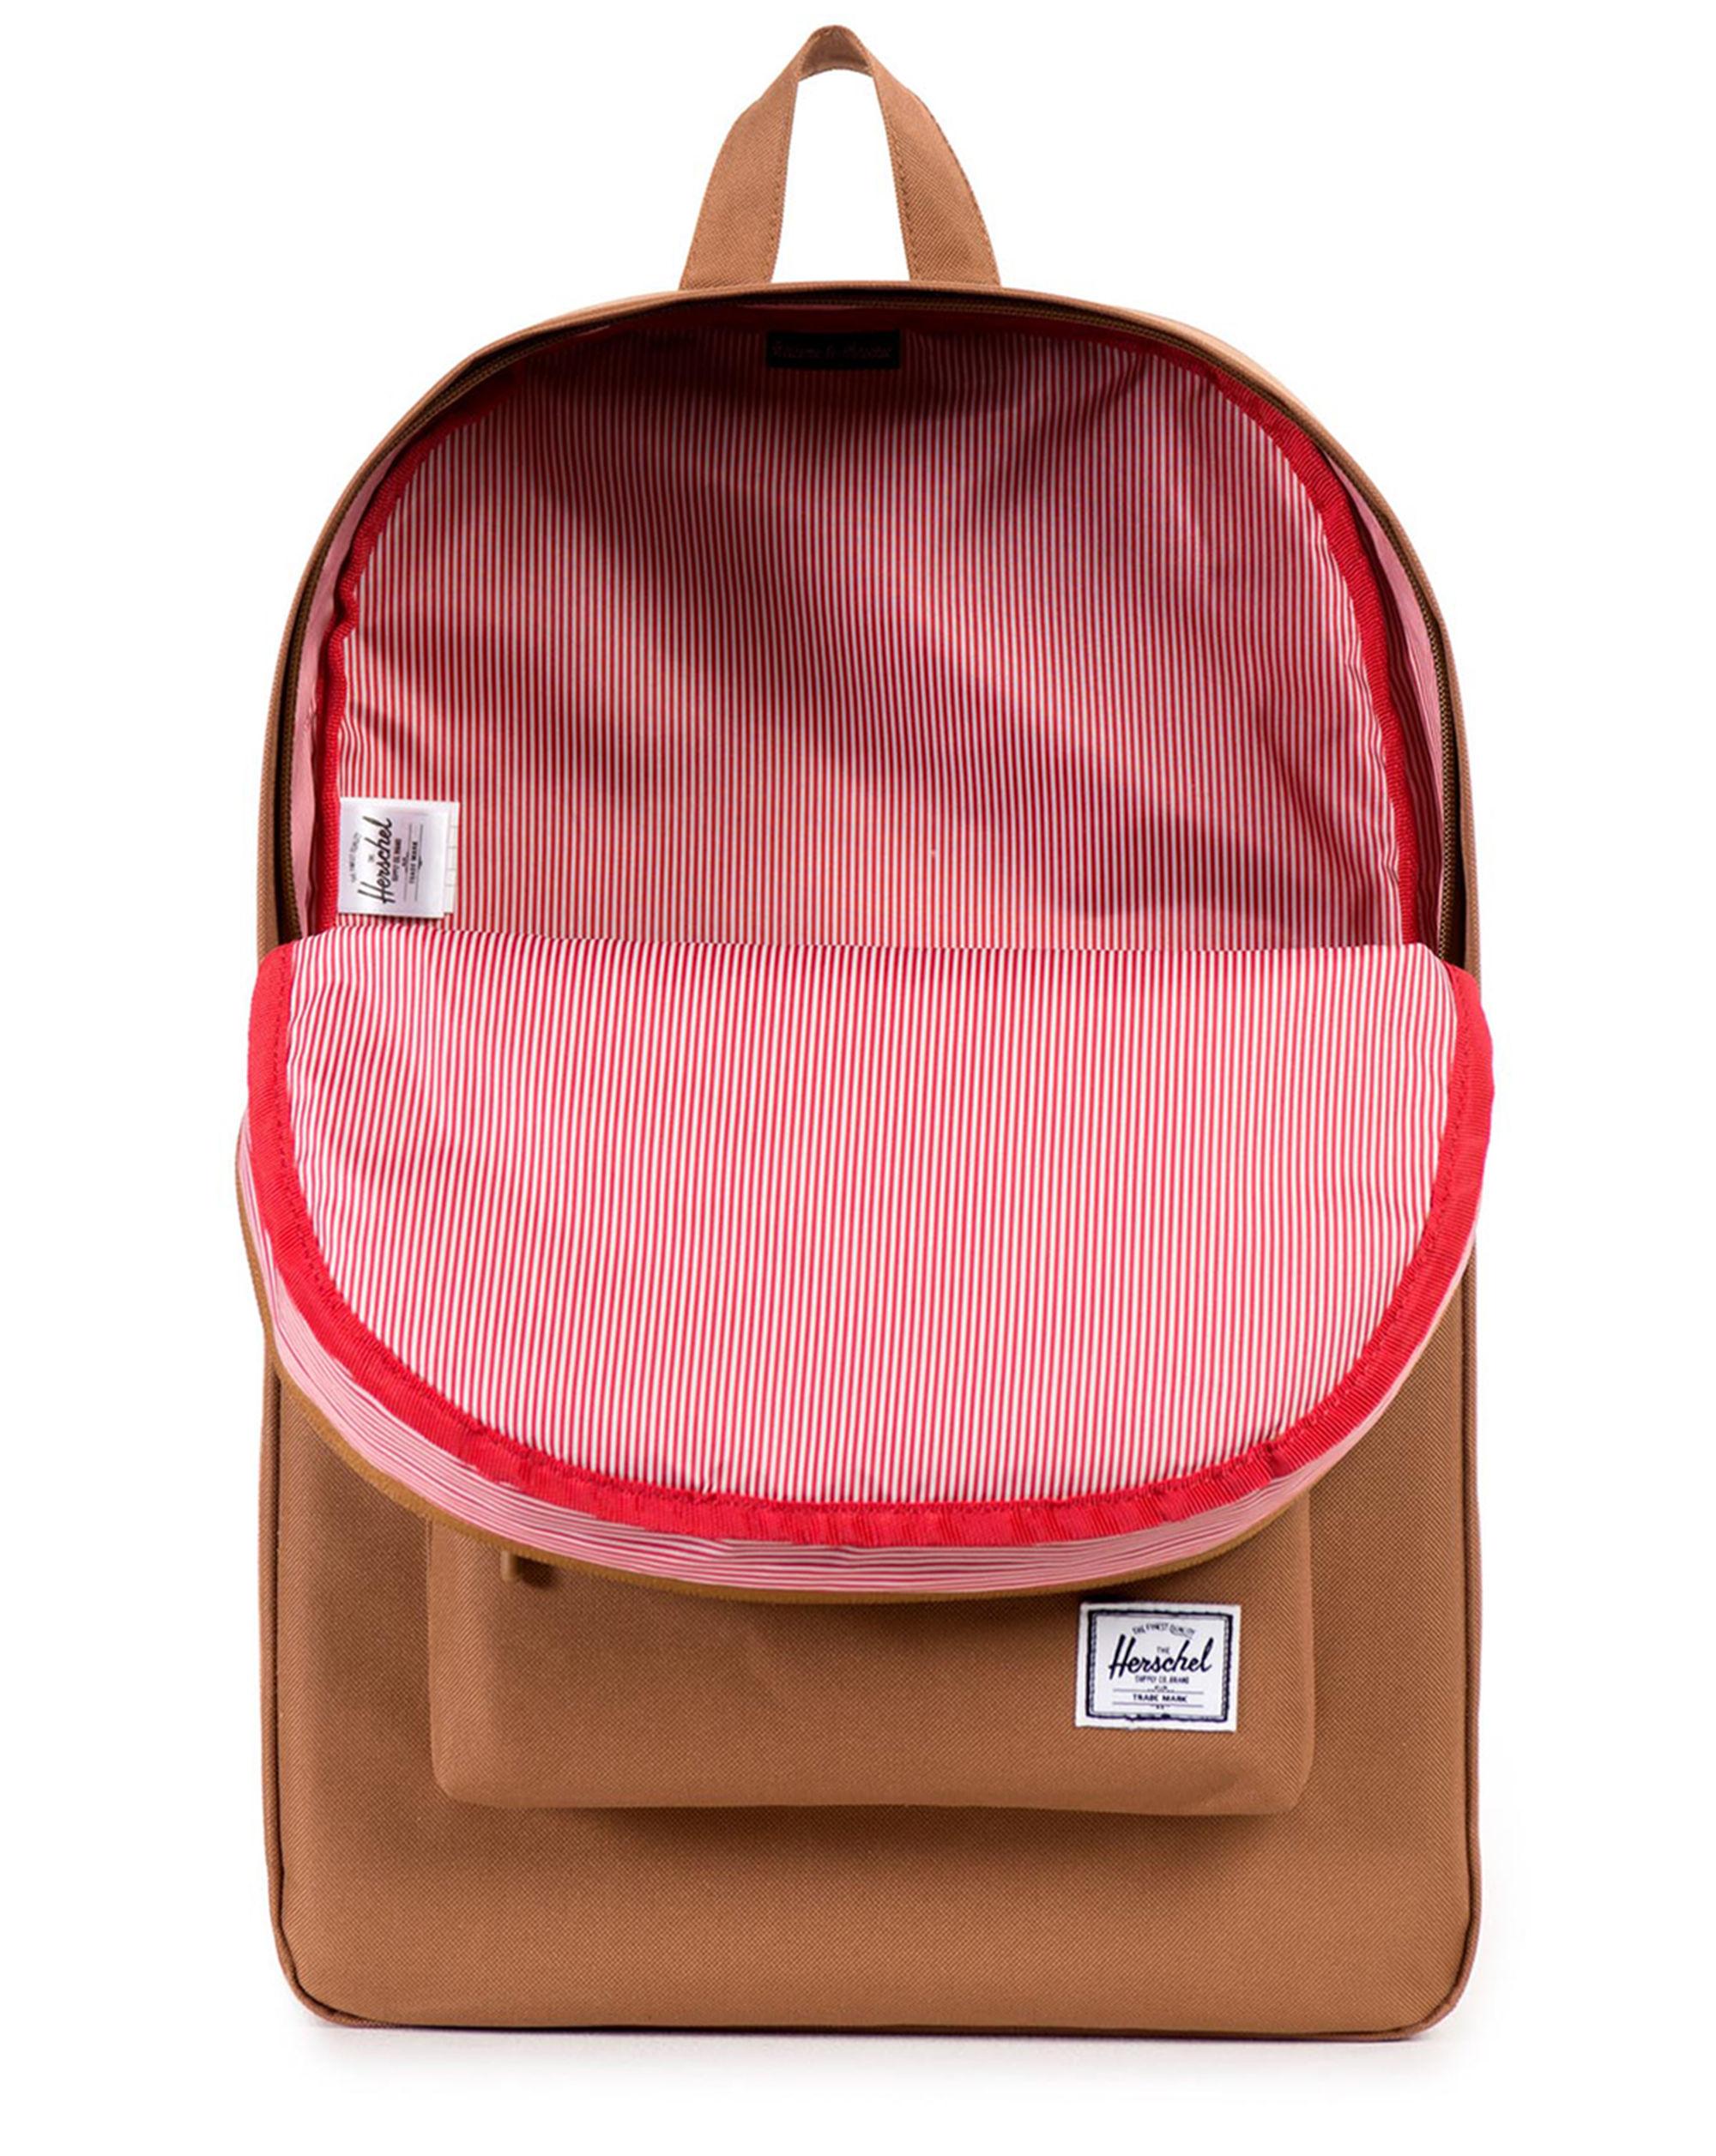 herschel supply co caramel classic backpack 22 l in natural for men lyst. Black Bedroom Furniture Sets. Home Design Ideas